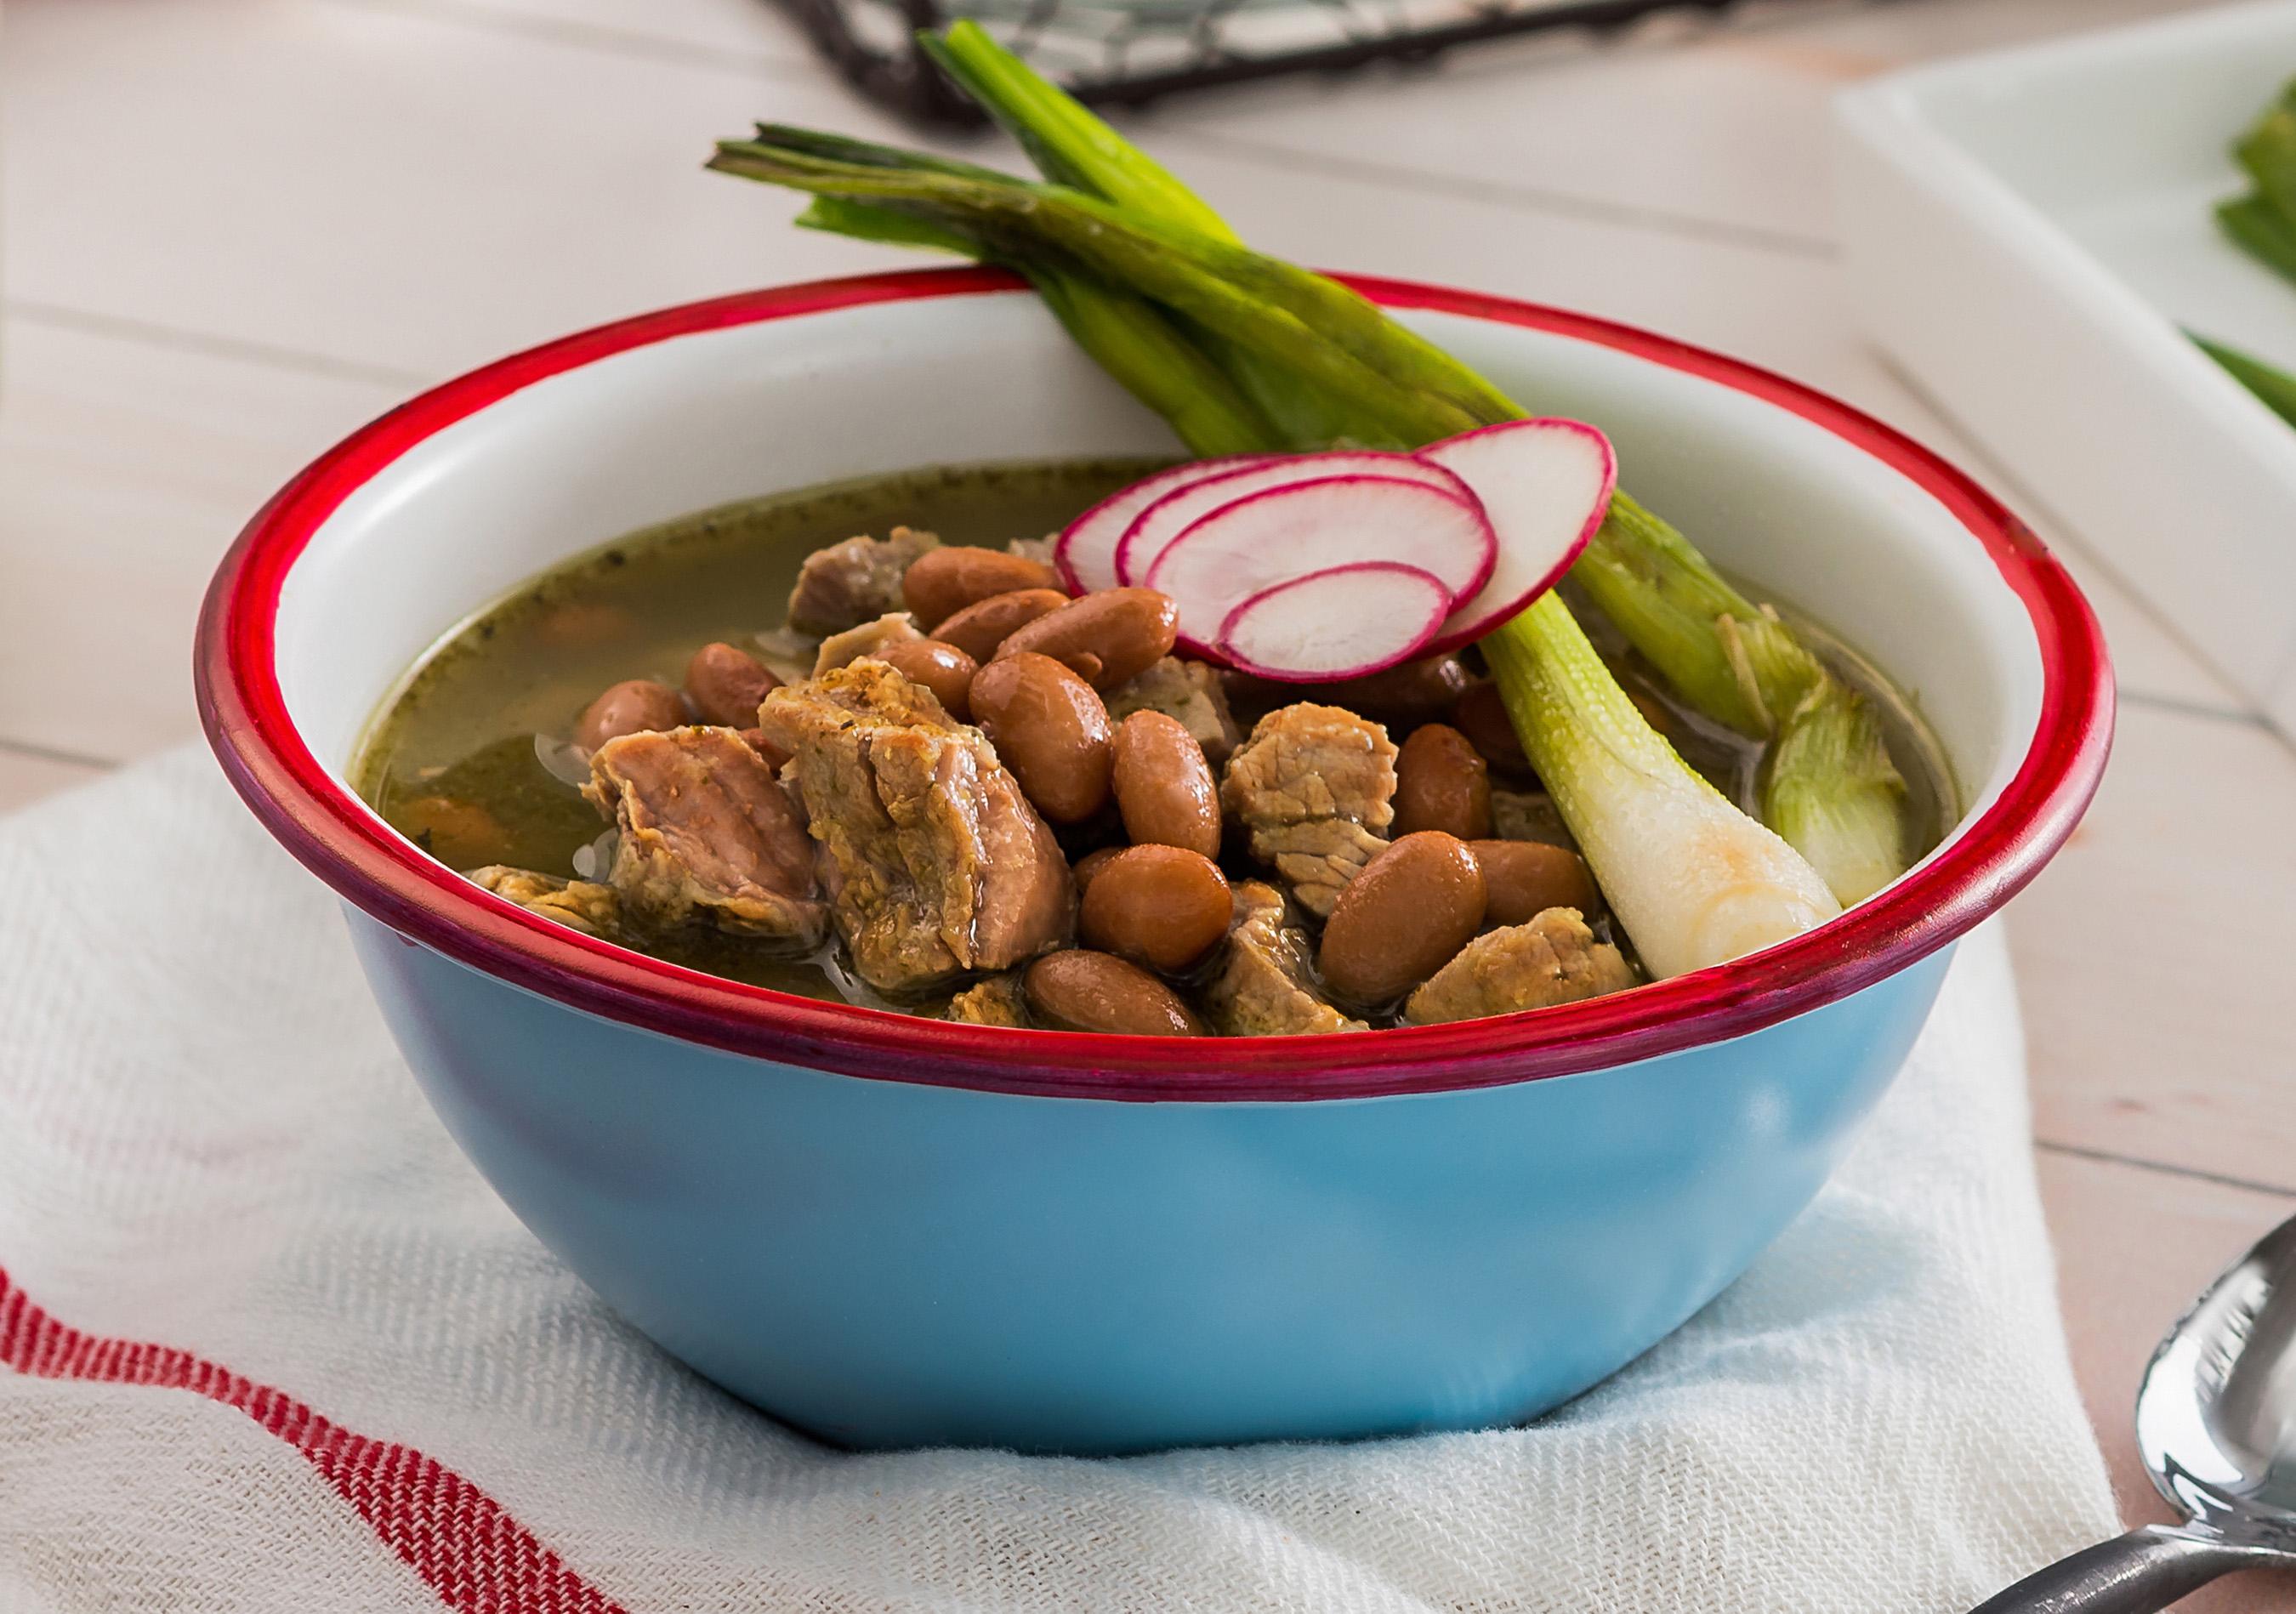 Esta sopa casera tradicional de Jalisco, México, es bien completa con de frijoles pintos, Serrano chiles, tocino y jugosas tiras de lomo de cerdo.